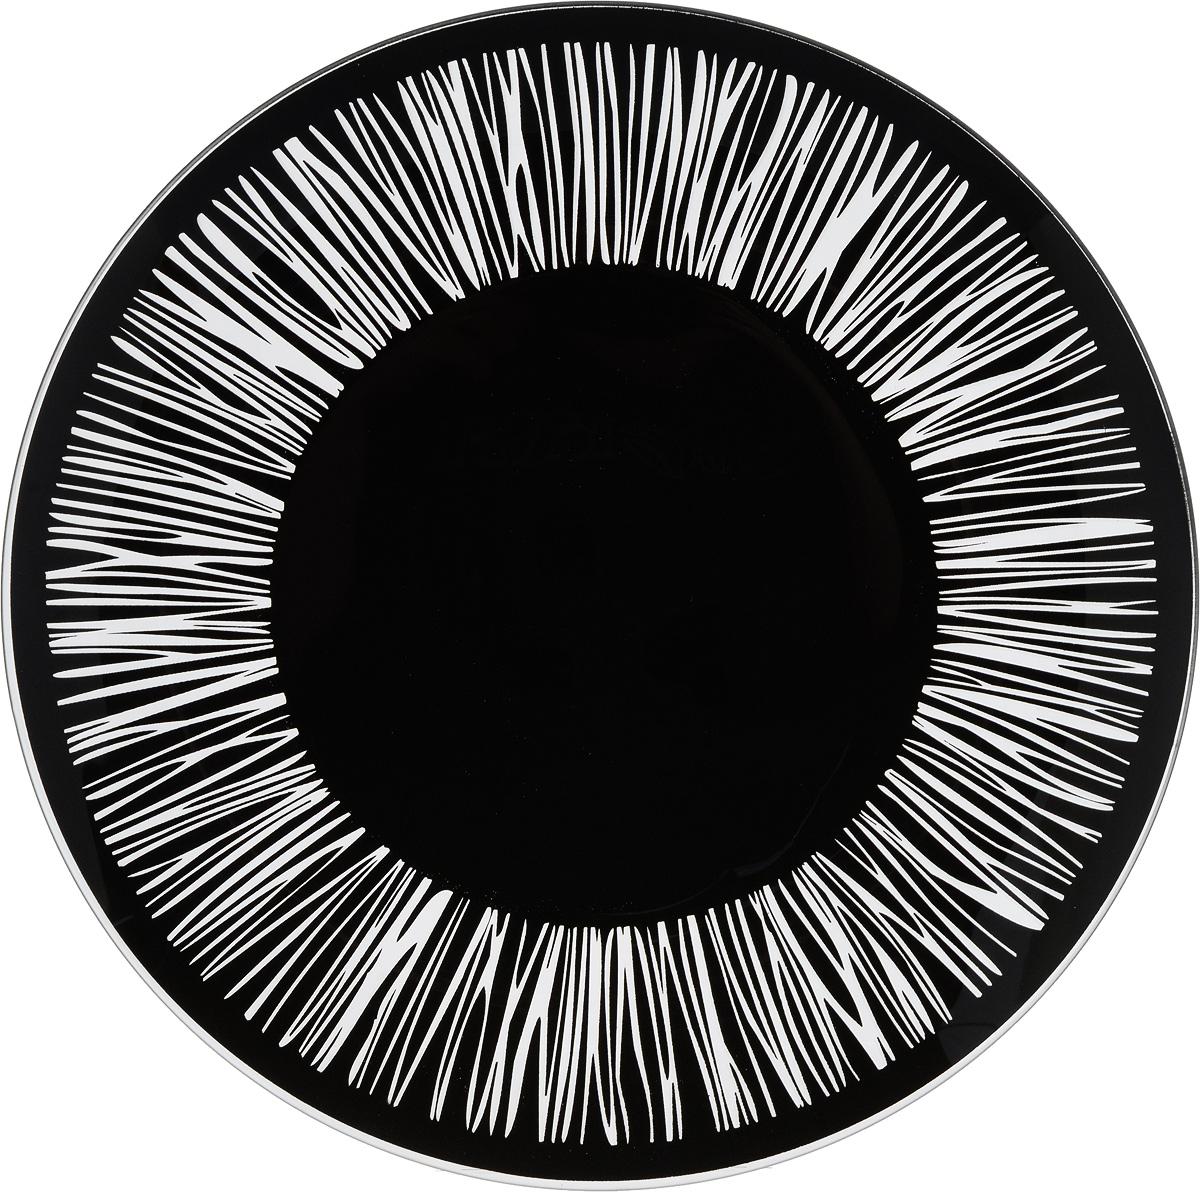 Тарелка NiNaGlass Витас, цвет: черный, диаметр 30 смVT-1520(SR)Тарелка NiNaGlass Витас выполнена из высококачественного стекла и оформлена оригинальным узором. Тарелка идеальна для сервировки закусок, нарезок, салатов, овощей и фруктов. Она отлично подойдет как для повседневных, так и для торжественных случаев.Такая тарелка прекрасно впишется в интерьер вашей кухни и станет достойным дополнением к кухонному инвентарю.